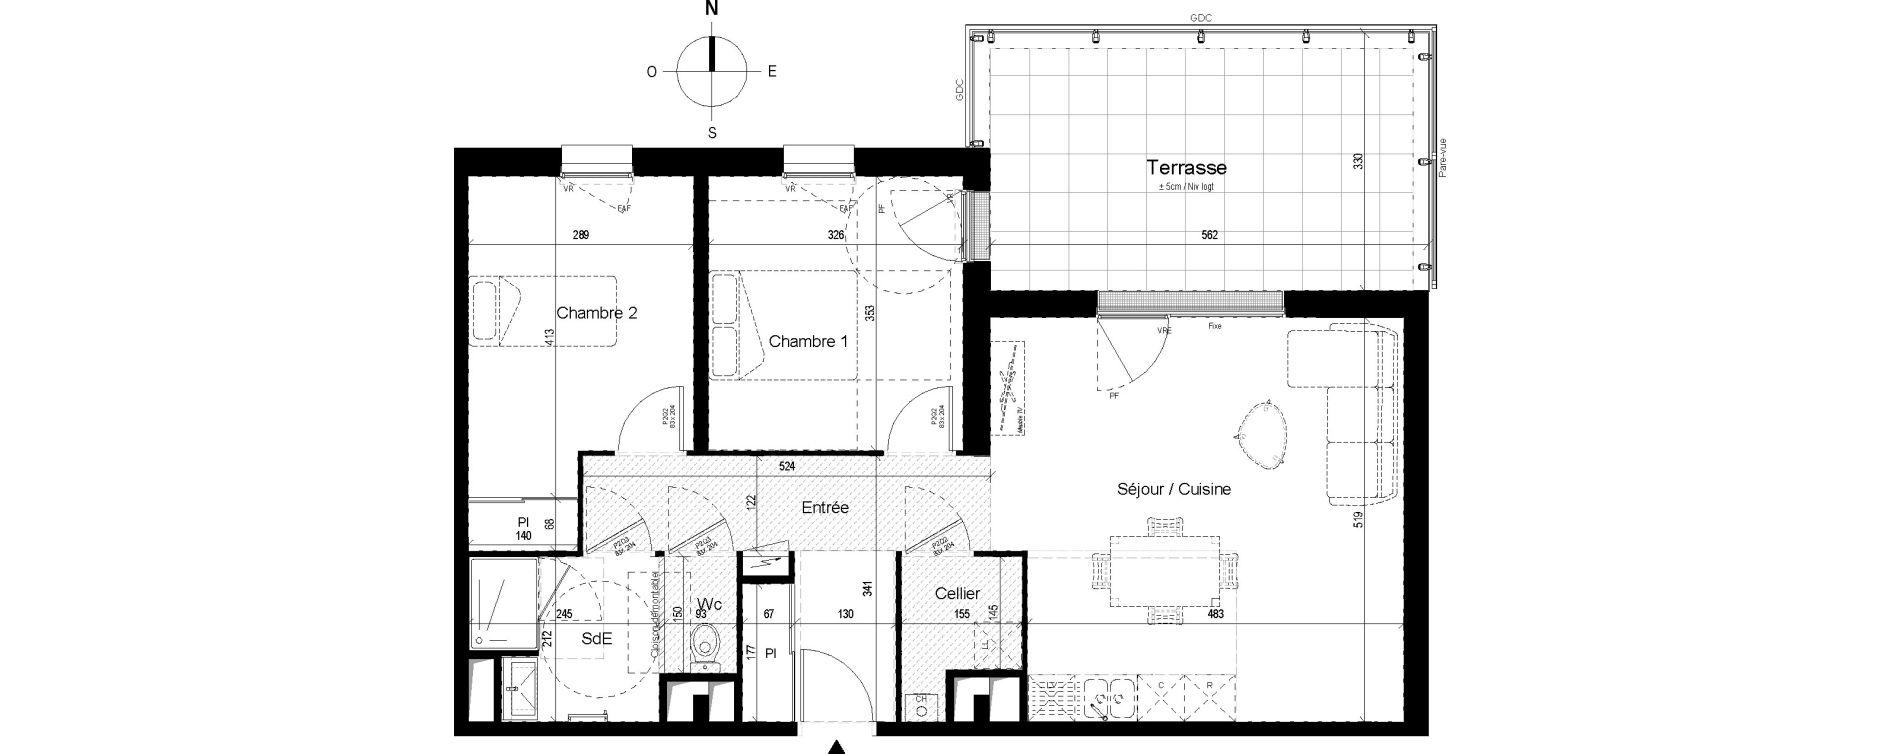 Appartement T3 de 69,16 m2 aux Ponts-De-Cé Grandes maisons